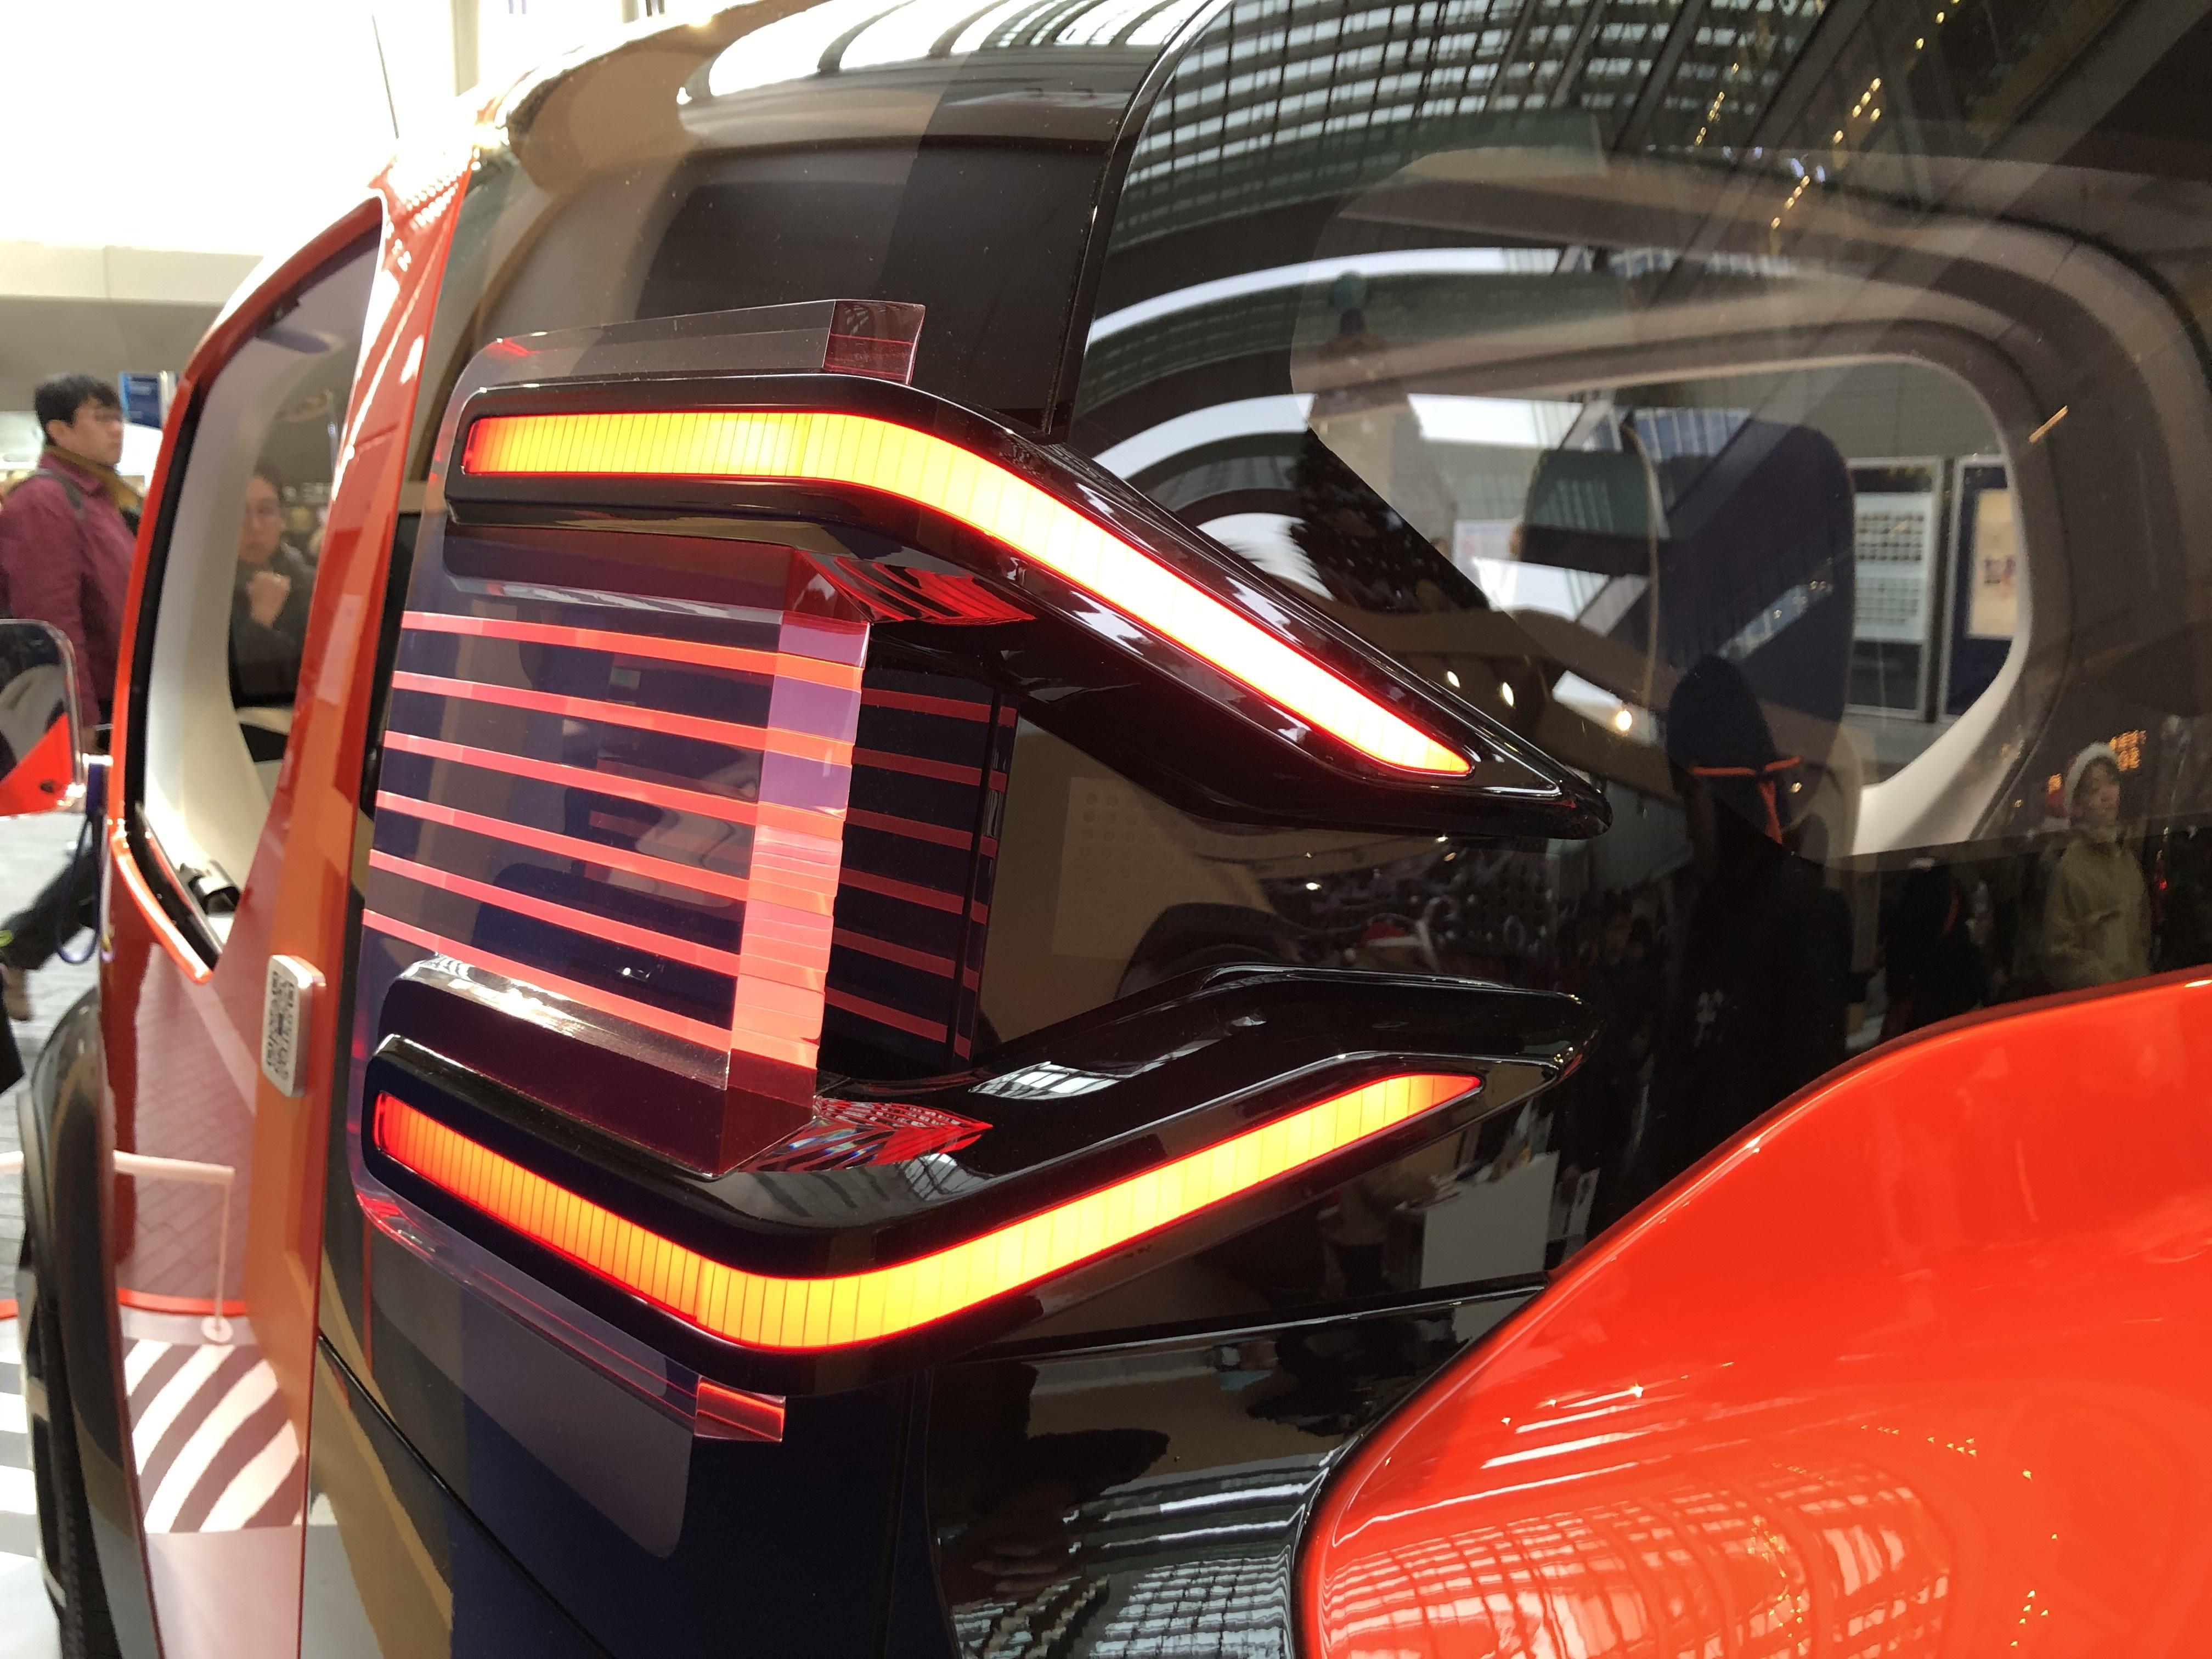 シトロエンのEVコンセプトカー「AMI ONE」が日本初公開。その本気度がタイヤに見えた